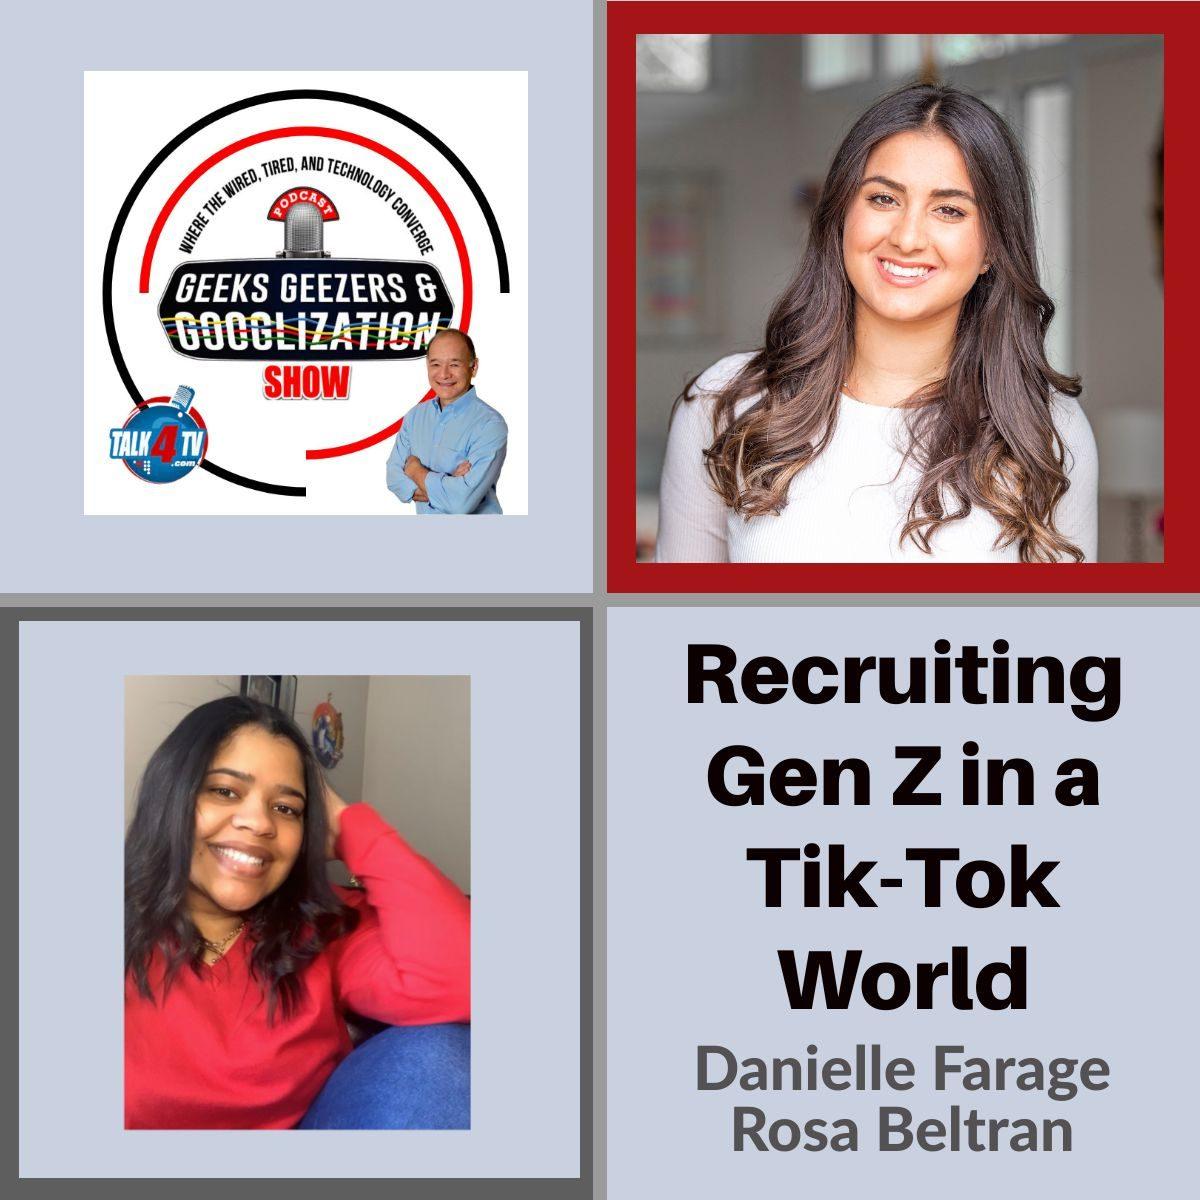 [WEBINARS] Employment Branding and Recruiting Gen Z